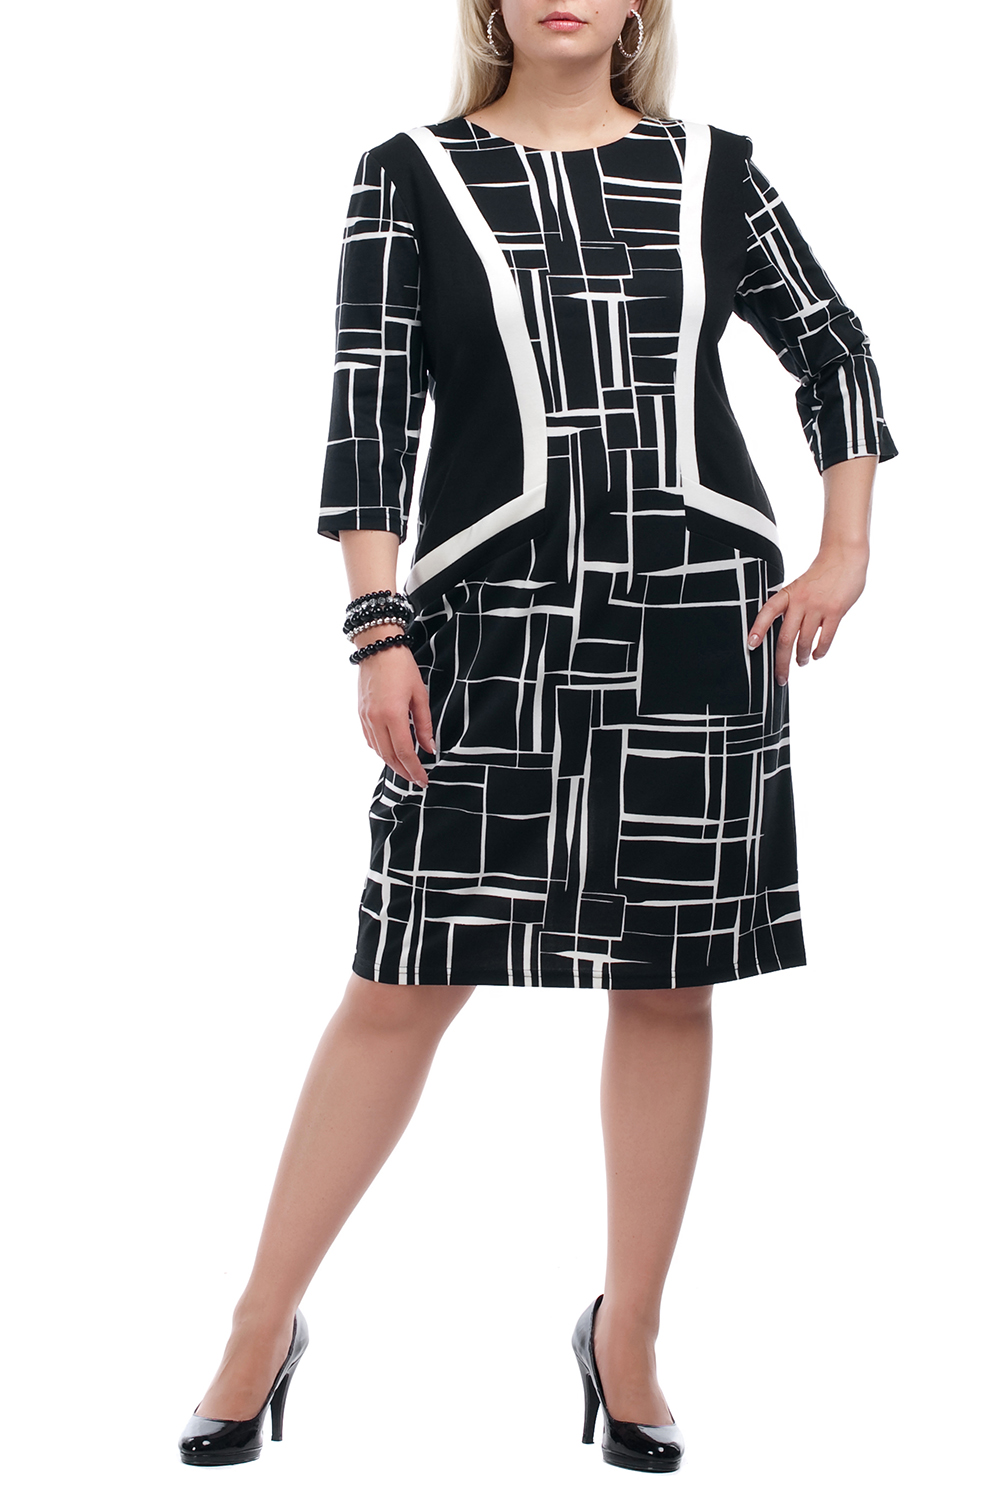 ПлатьеПлатья<br>Повседневное платье с круглой горловиной и рукавами 3/4. Модель выполнена из плотного трикотажа. Отличный выбор для повседневного гардероба.  Цвет: черный, белый  Рост девушки-фотомодели 173 см.<br><br>Горловина: С- горловина<br>По длине: Ниже колена<br>По материалу: Вискоза,Трикотаж<br>По рисунку: Абстракция,Цветные<br>По сезону: Весна,Осень,Зима<br>По силуэту: Полуприталенные<br>По стилю: Повседневный стиль<br>По форме: Платье - футляр<br>Рукав: Рукав три четверти<br>Размер : 52,54,66,68,70<br>Материал: Трикотаж<br>Количество в наличии: 14